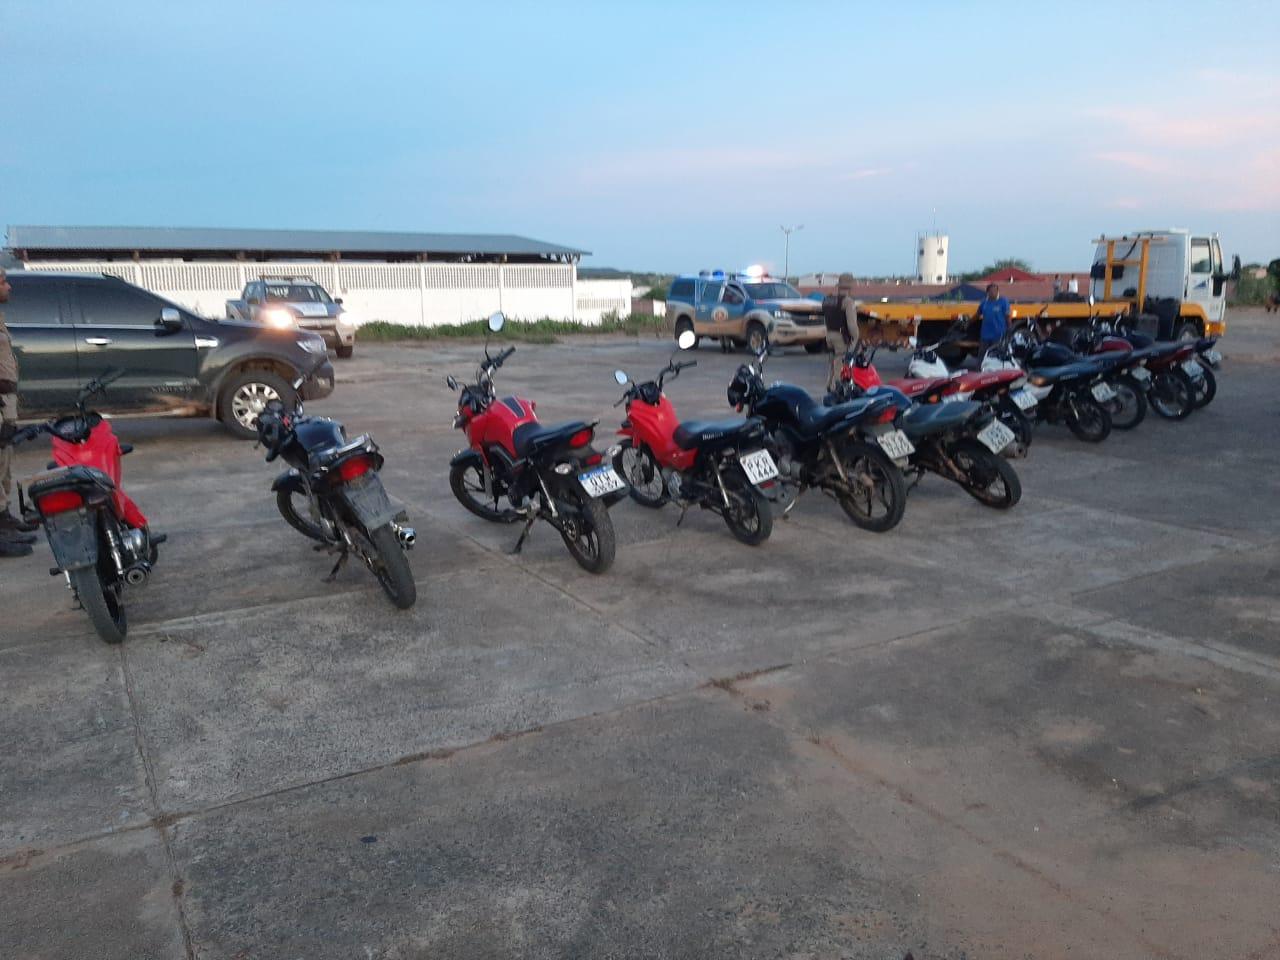 Motos são apreendidas após participação em rachas, manobras arriscadas e aglomeração de pessoas em Tucano